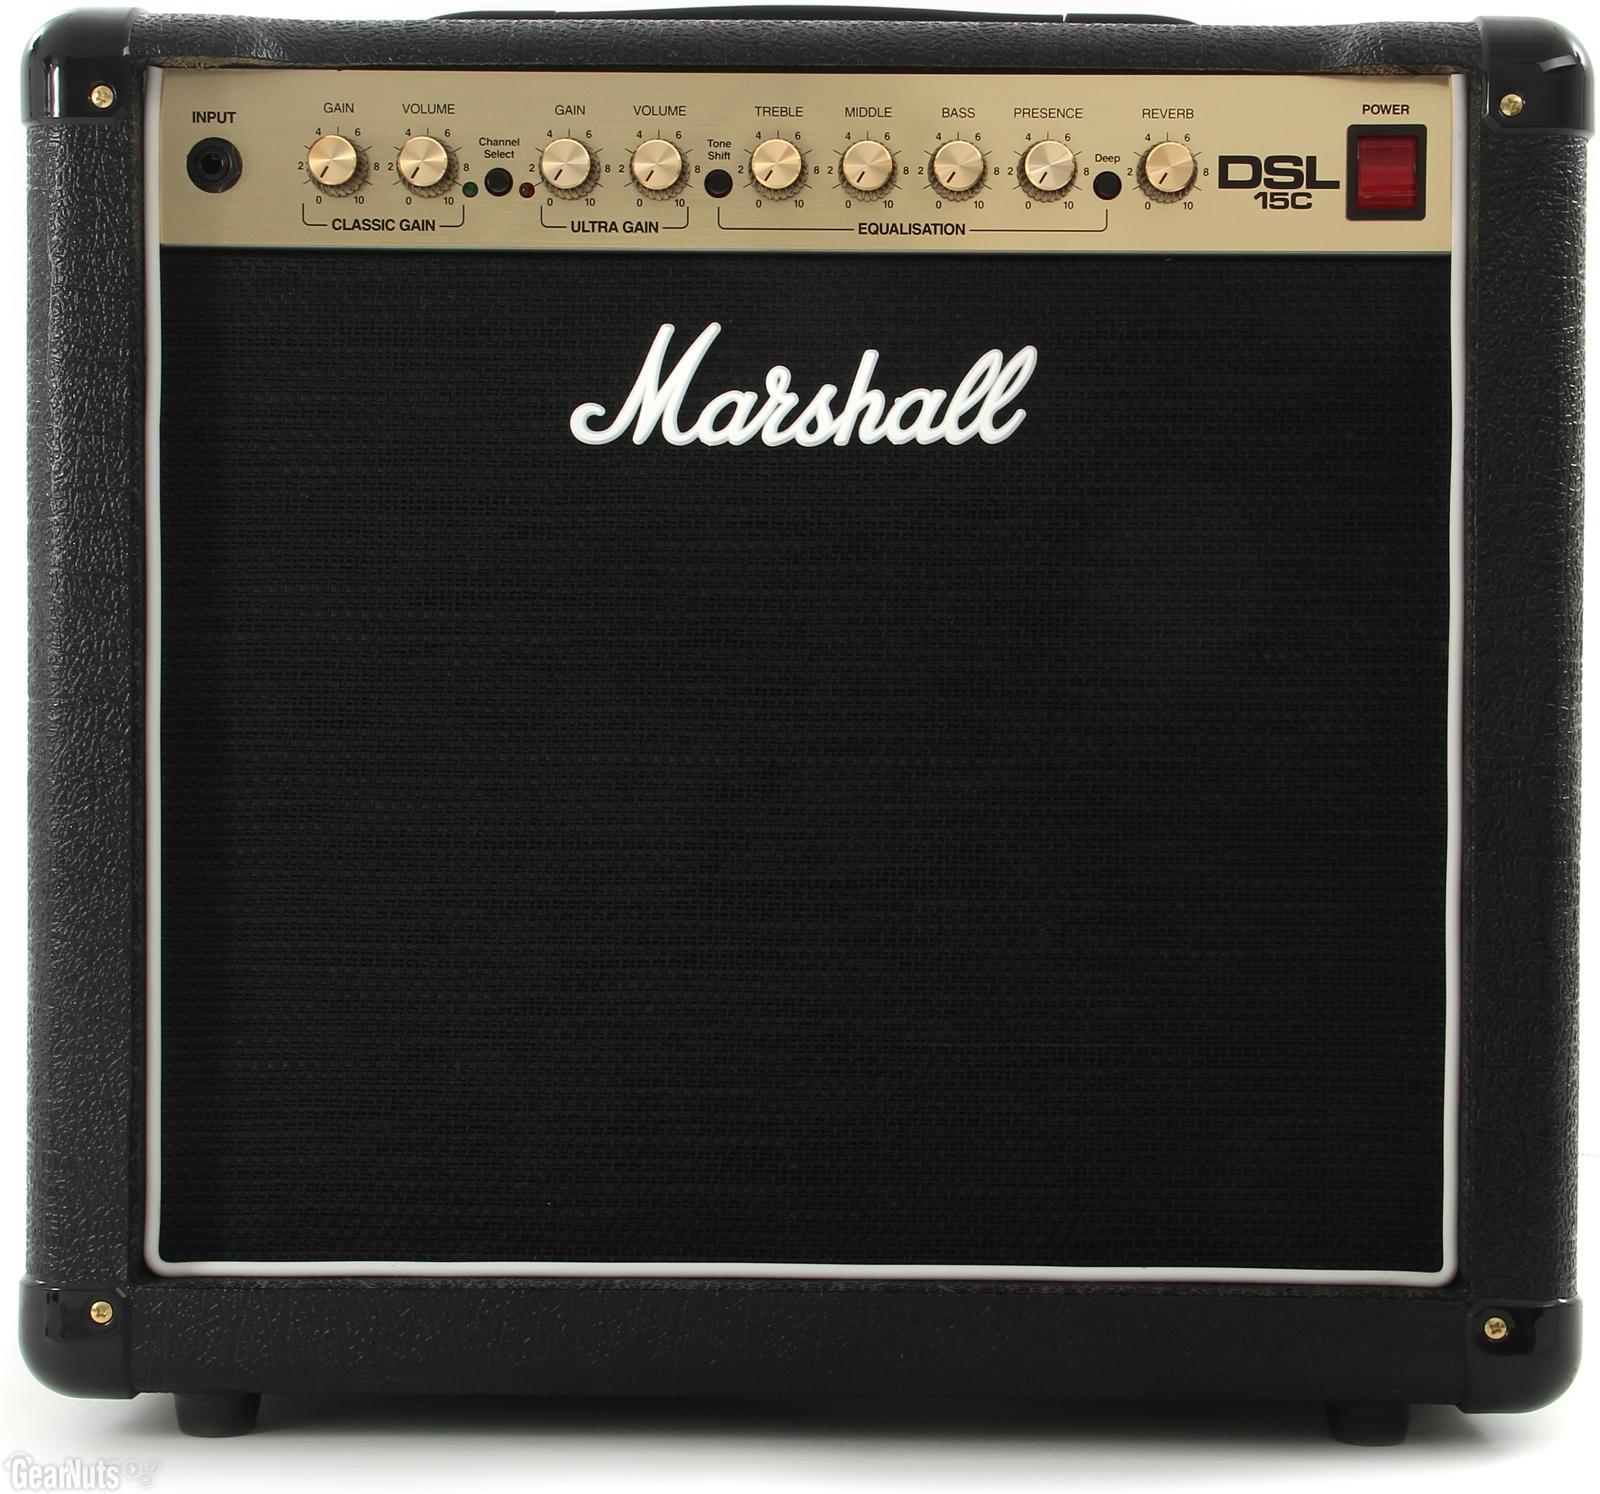 Marshall DSL15C All-Valve 15 watt Combo